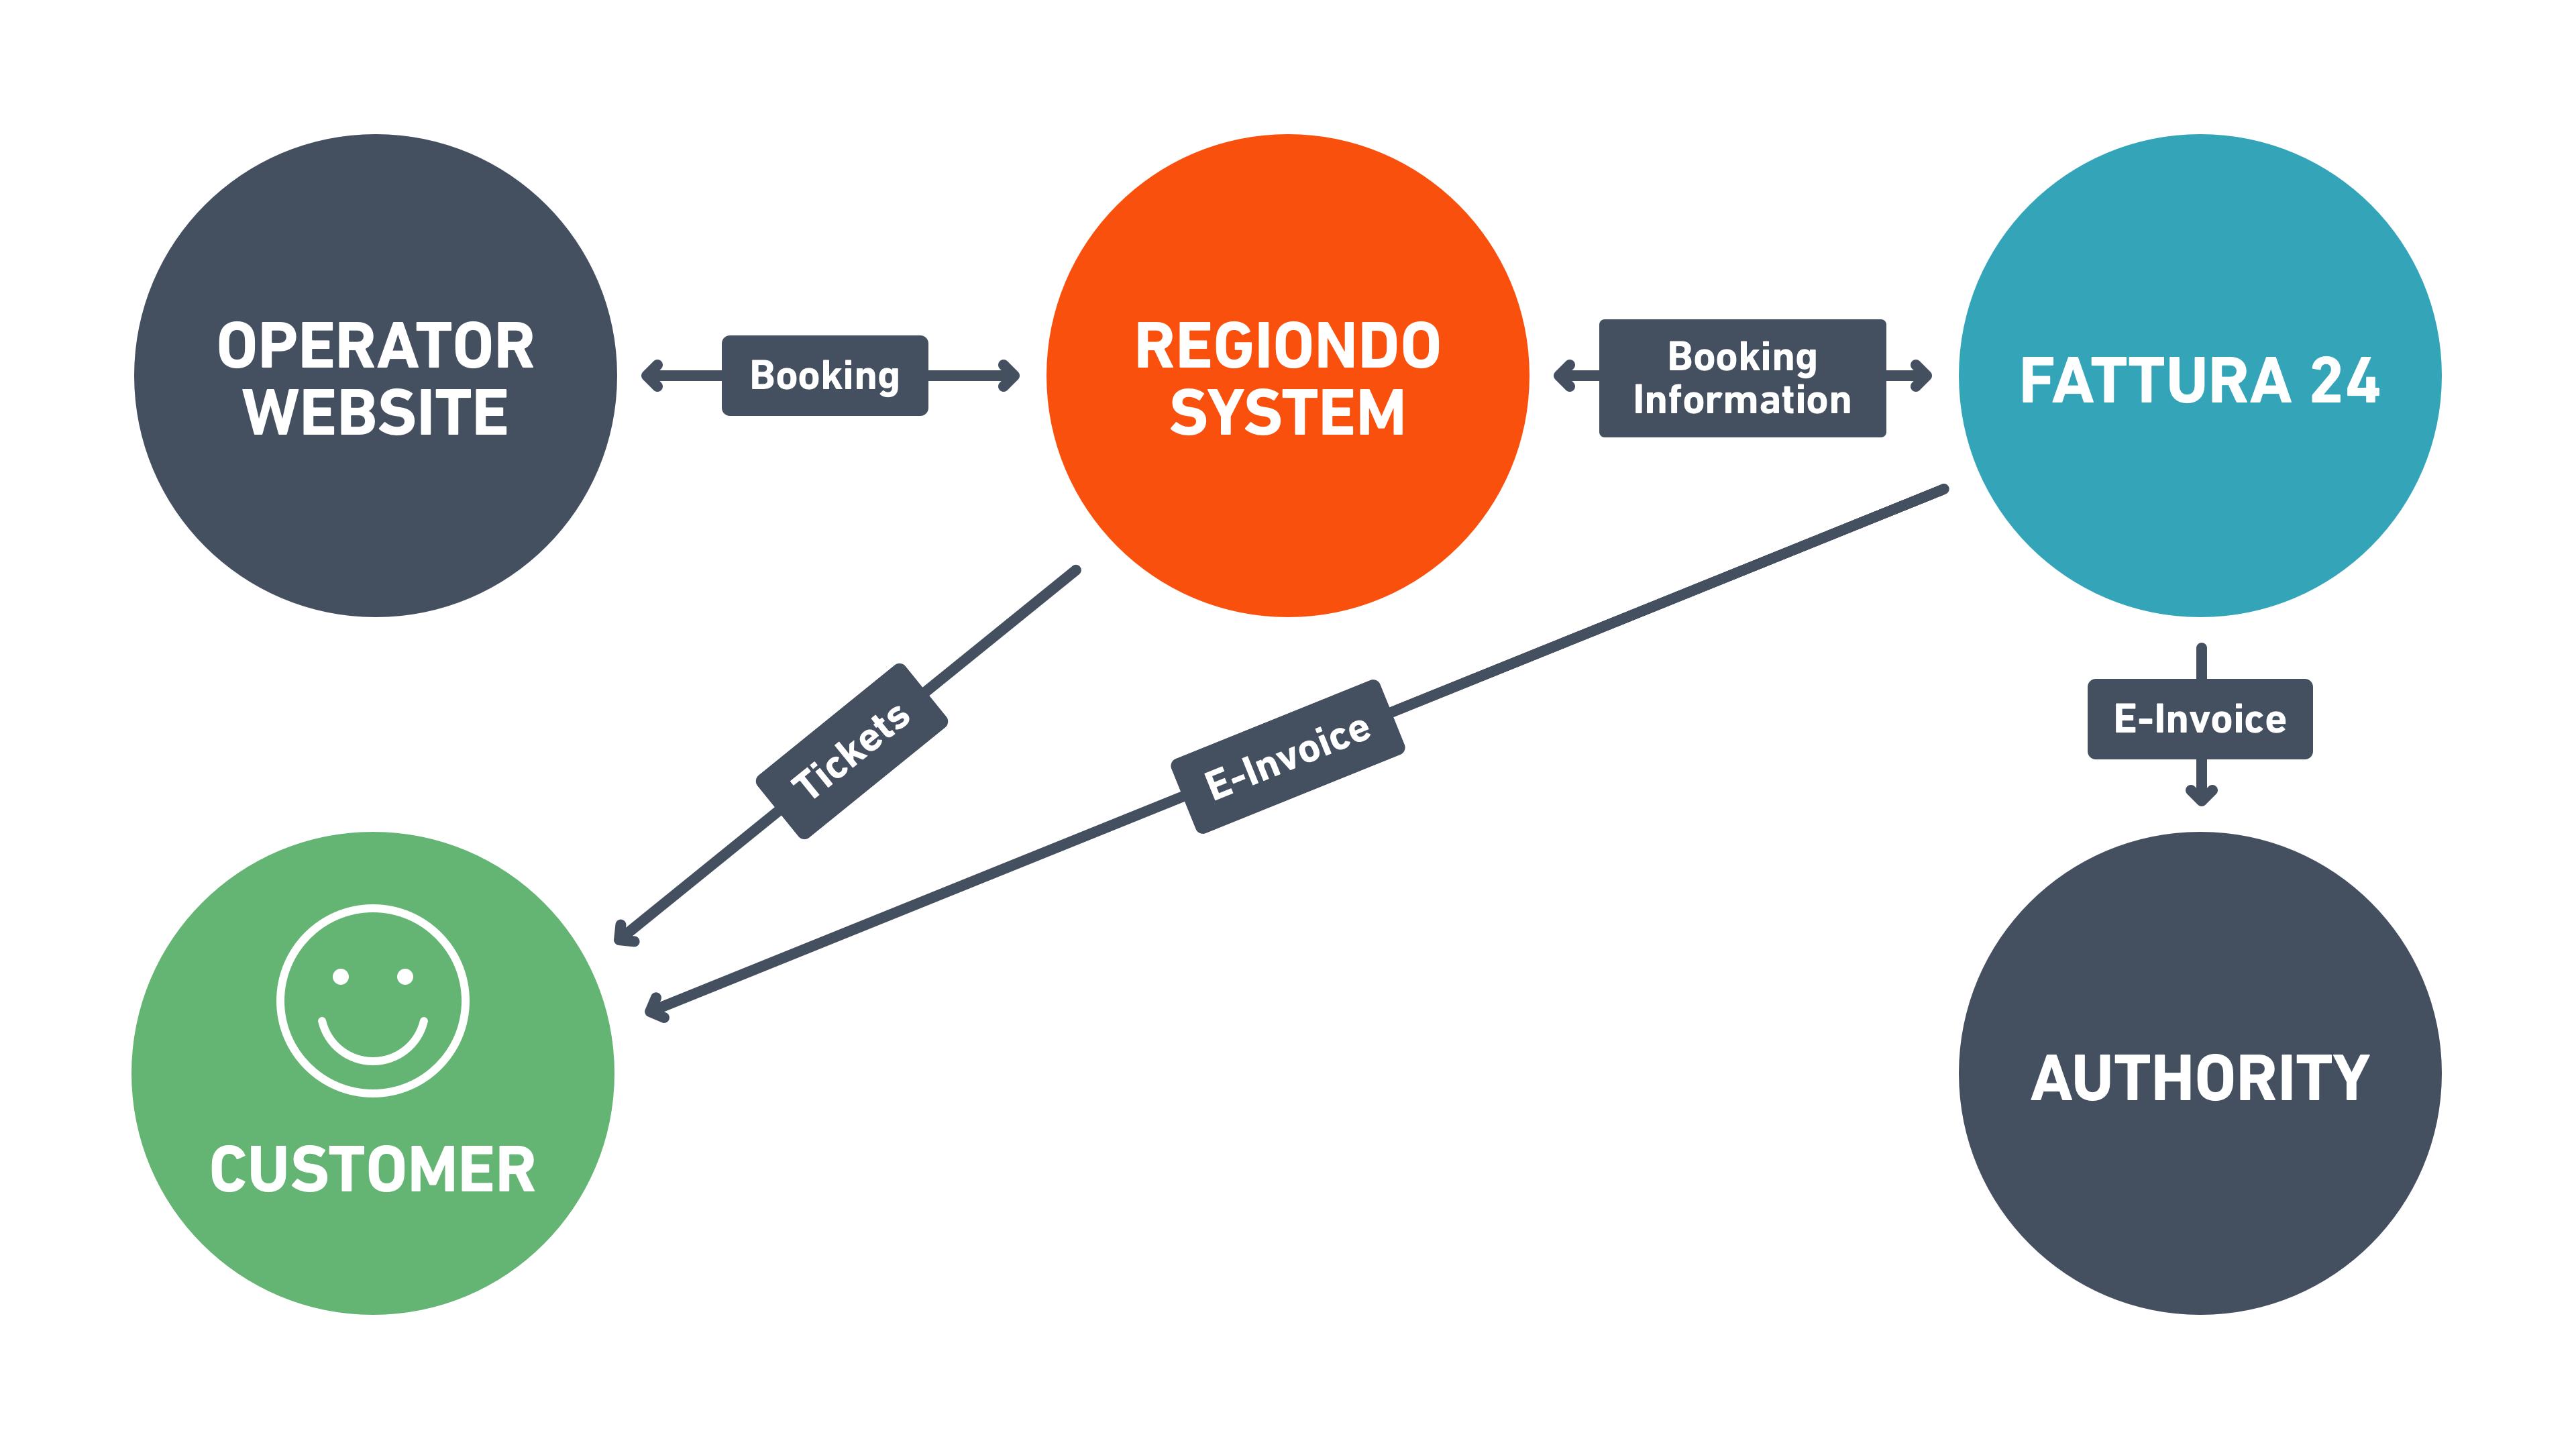 sistema di prenotazione online _ regiondo_funzioni_fatturazione